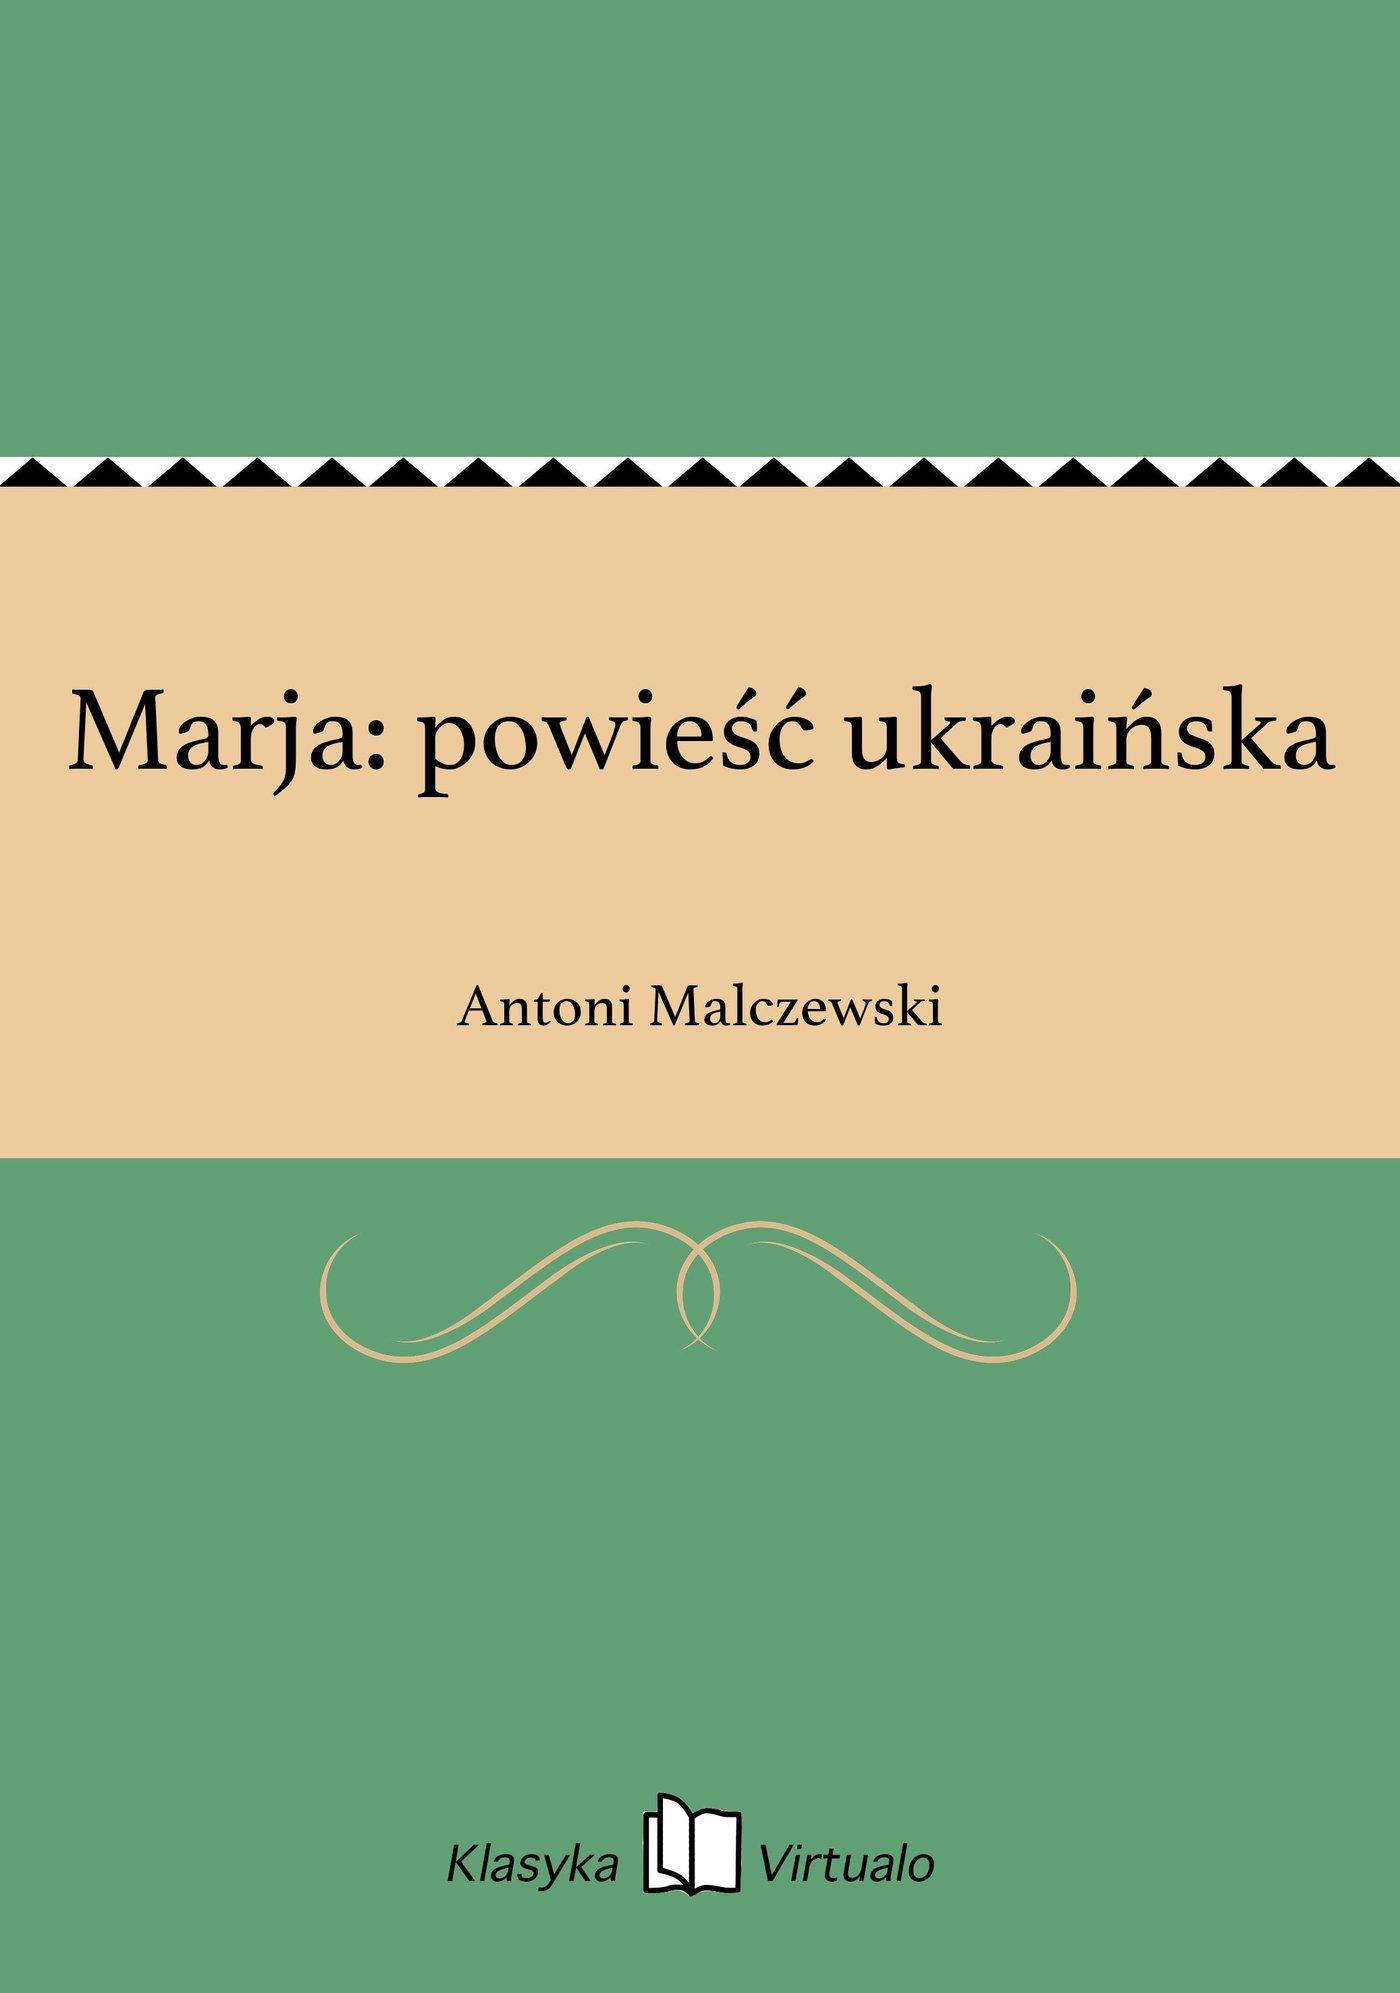 Marja: powieść ukraińska - Ebook (Książka na Kindle) do pobrania w formacie MOBI